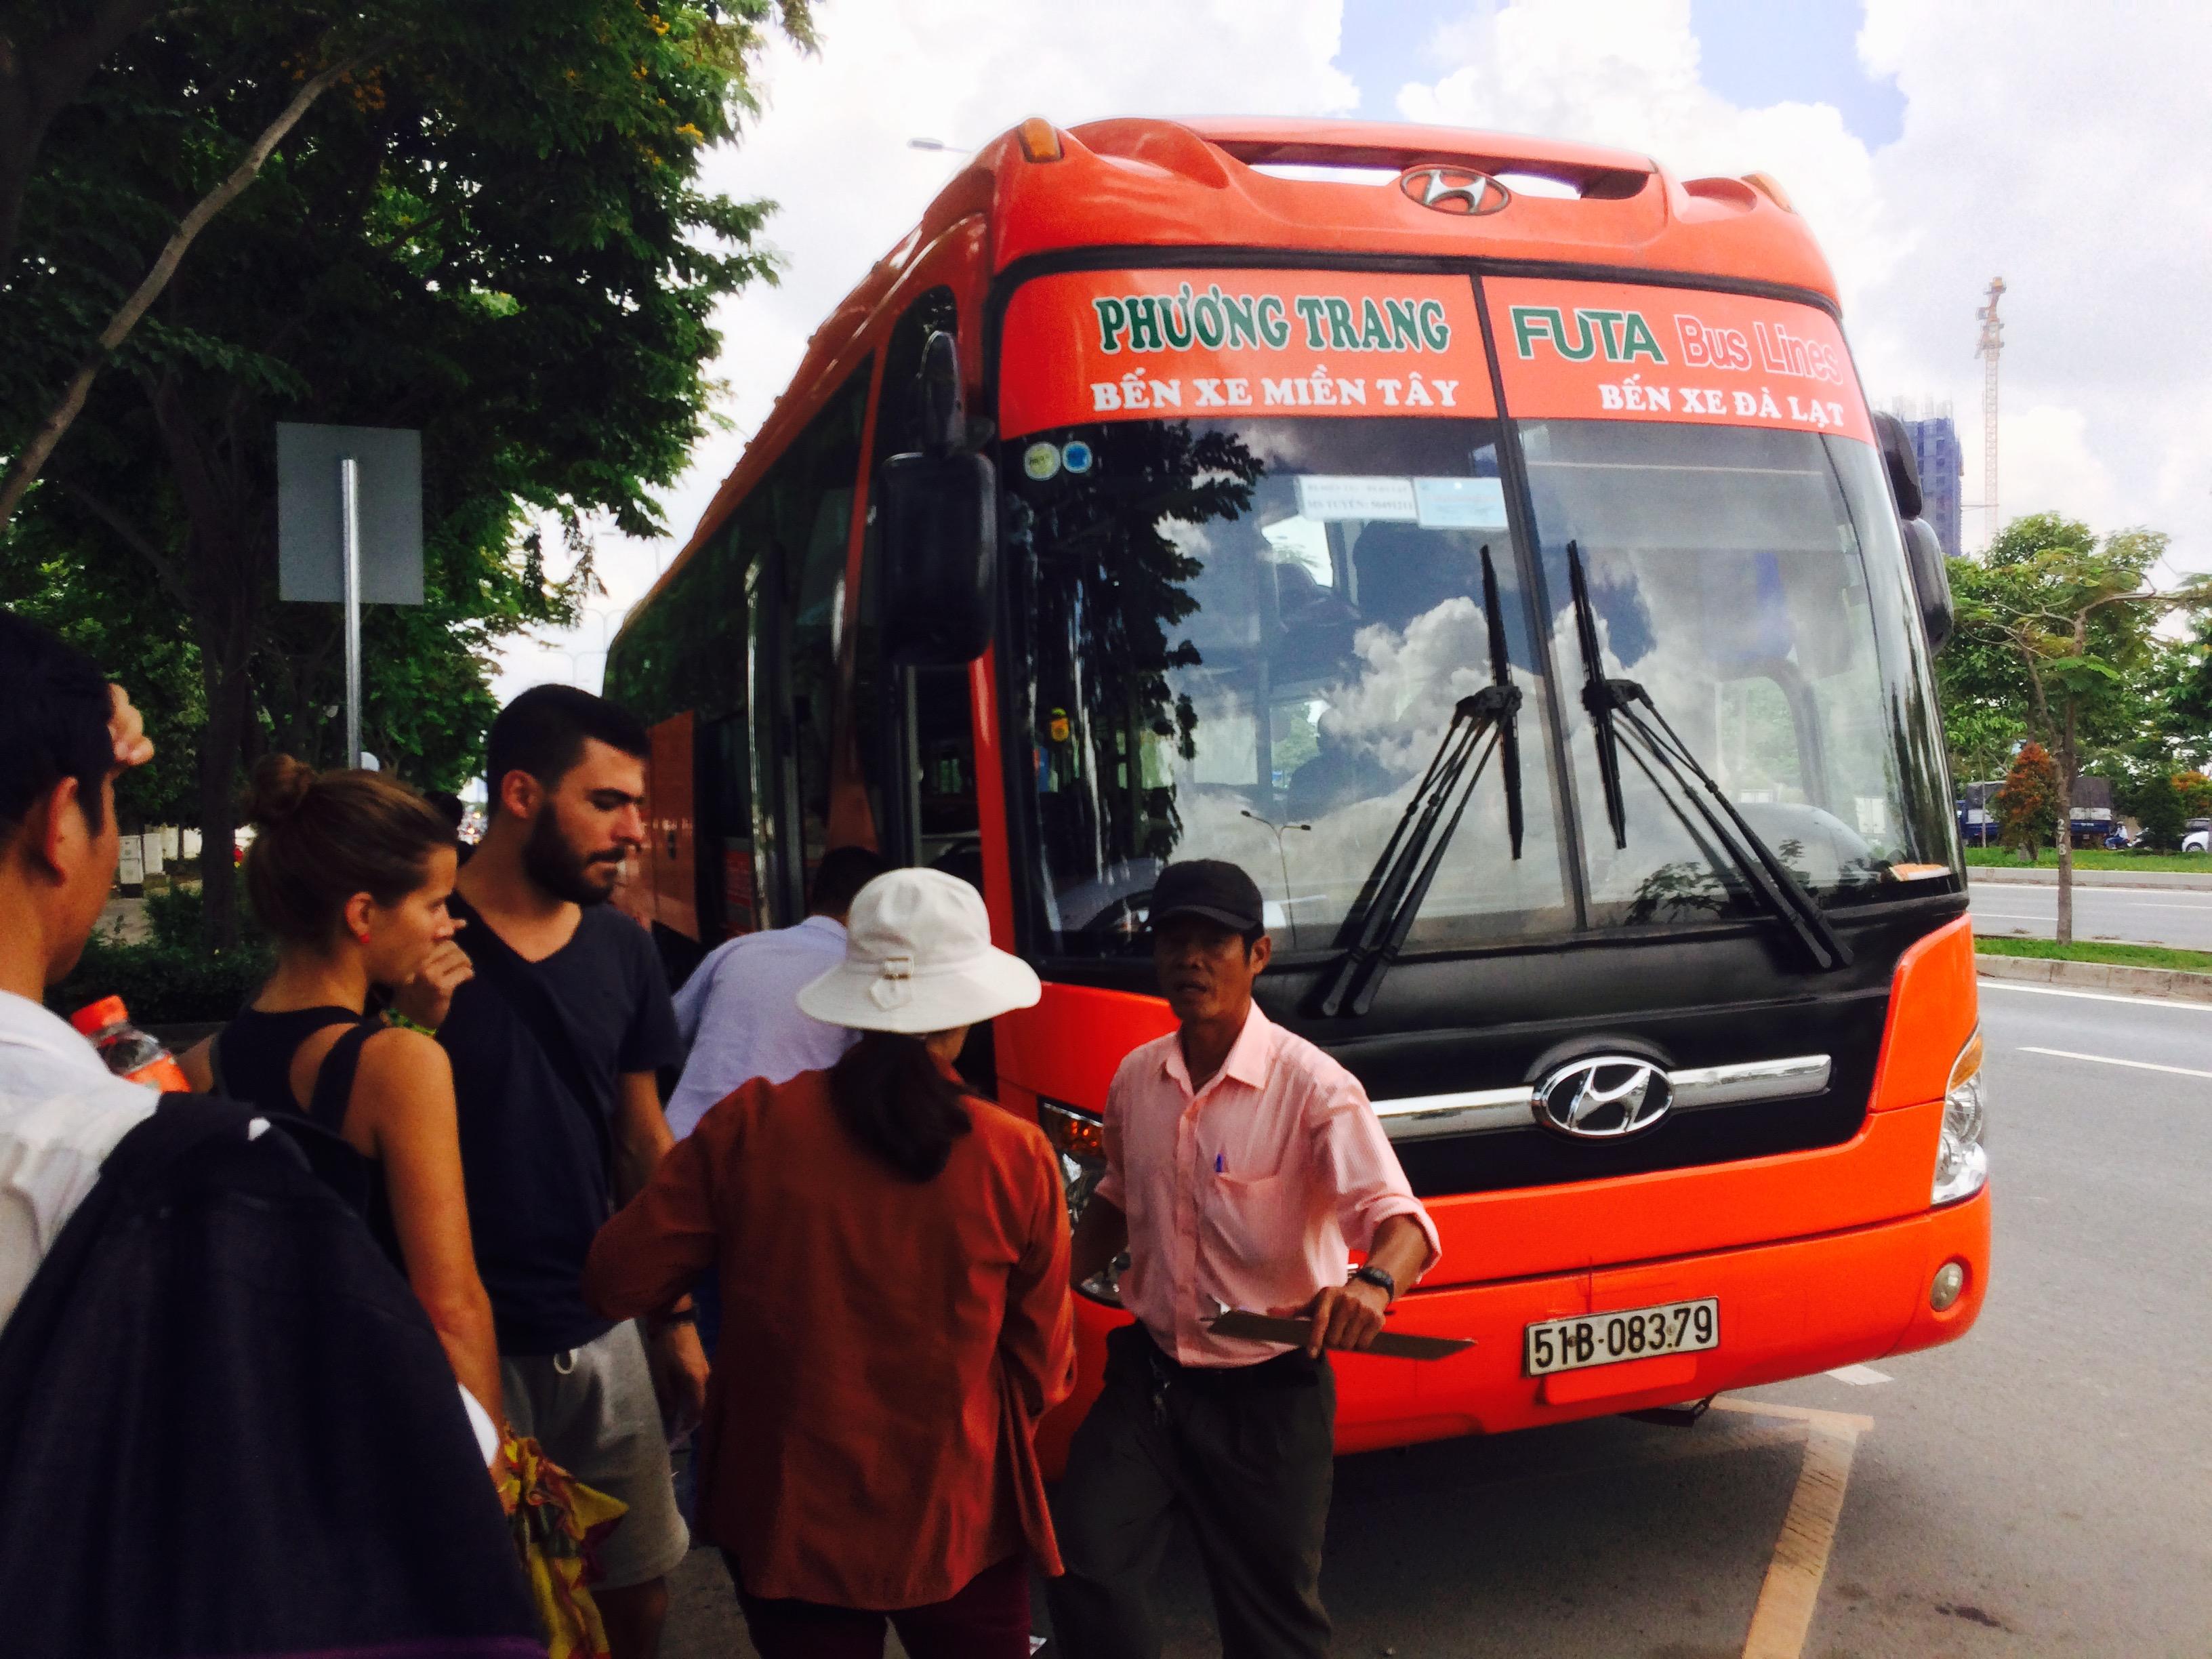 【ベトナム縦断】 ホーチミン発。オープンバスの最安値と乗り心地を解説!